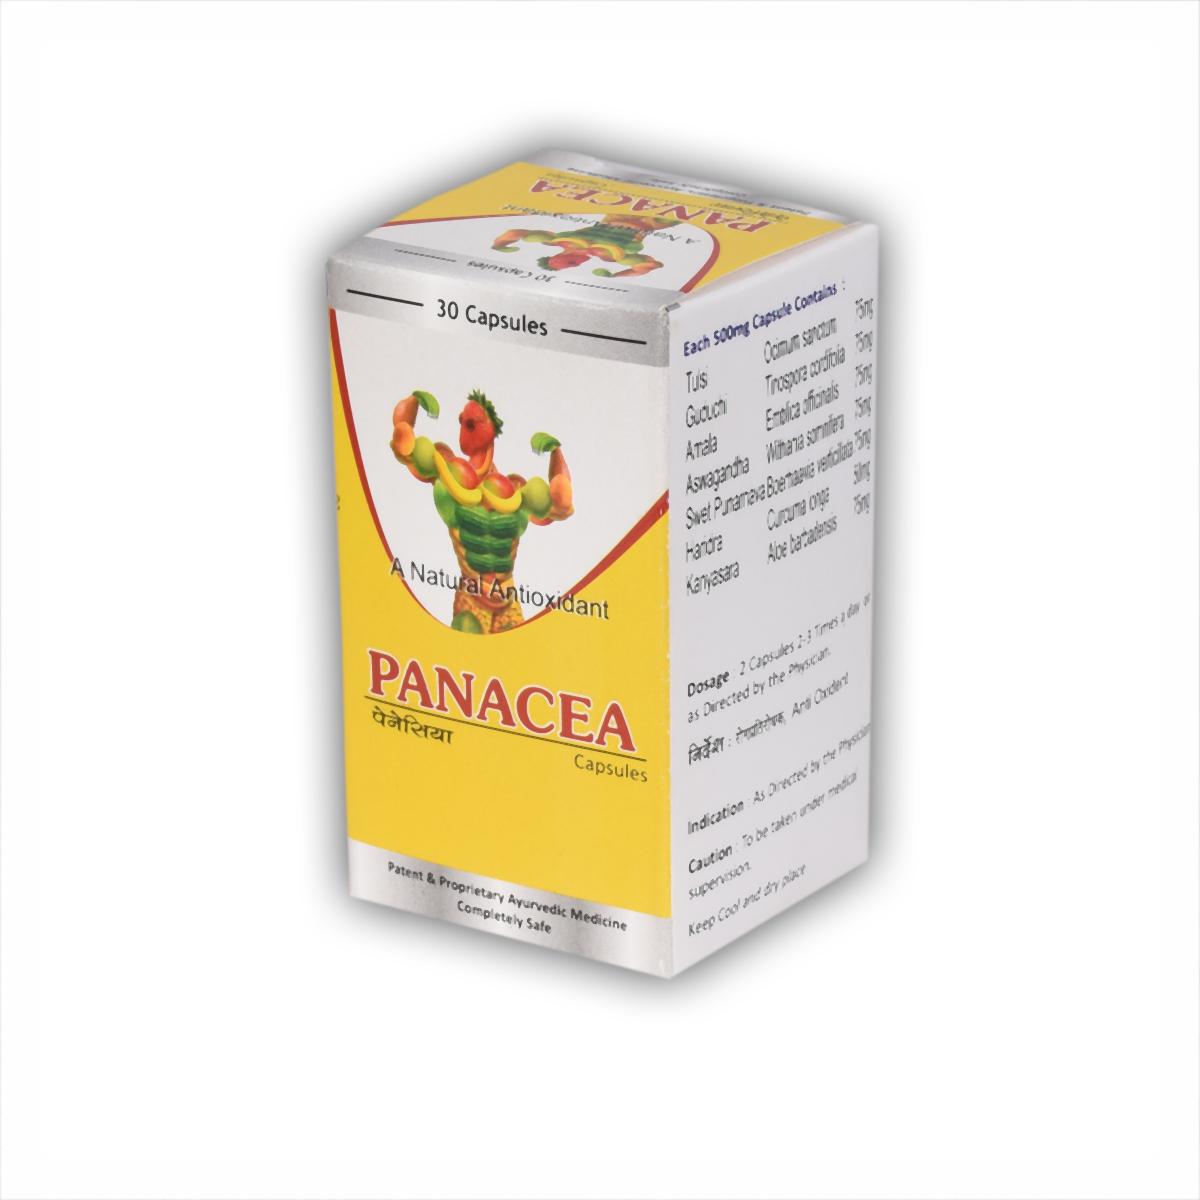 PANACEA CAPSULE